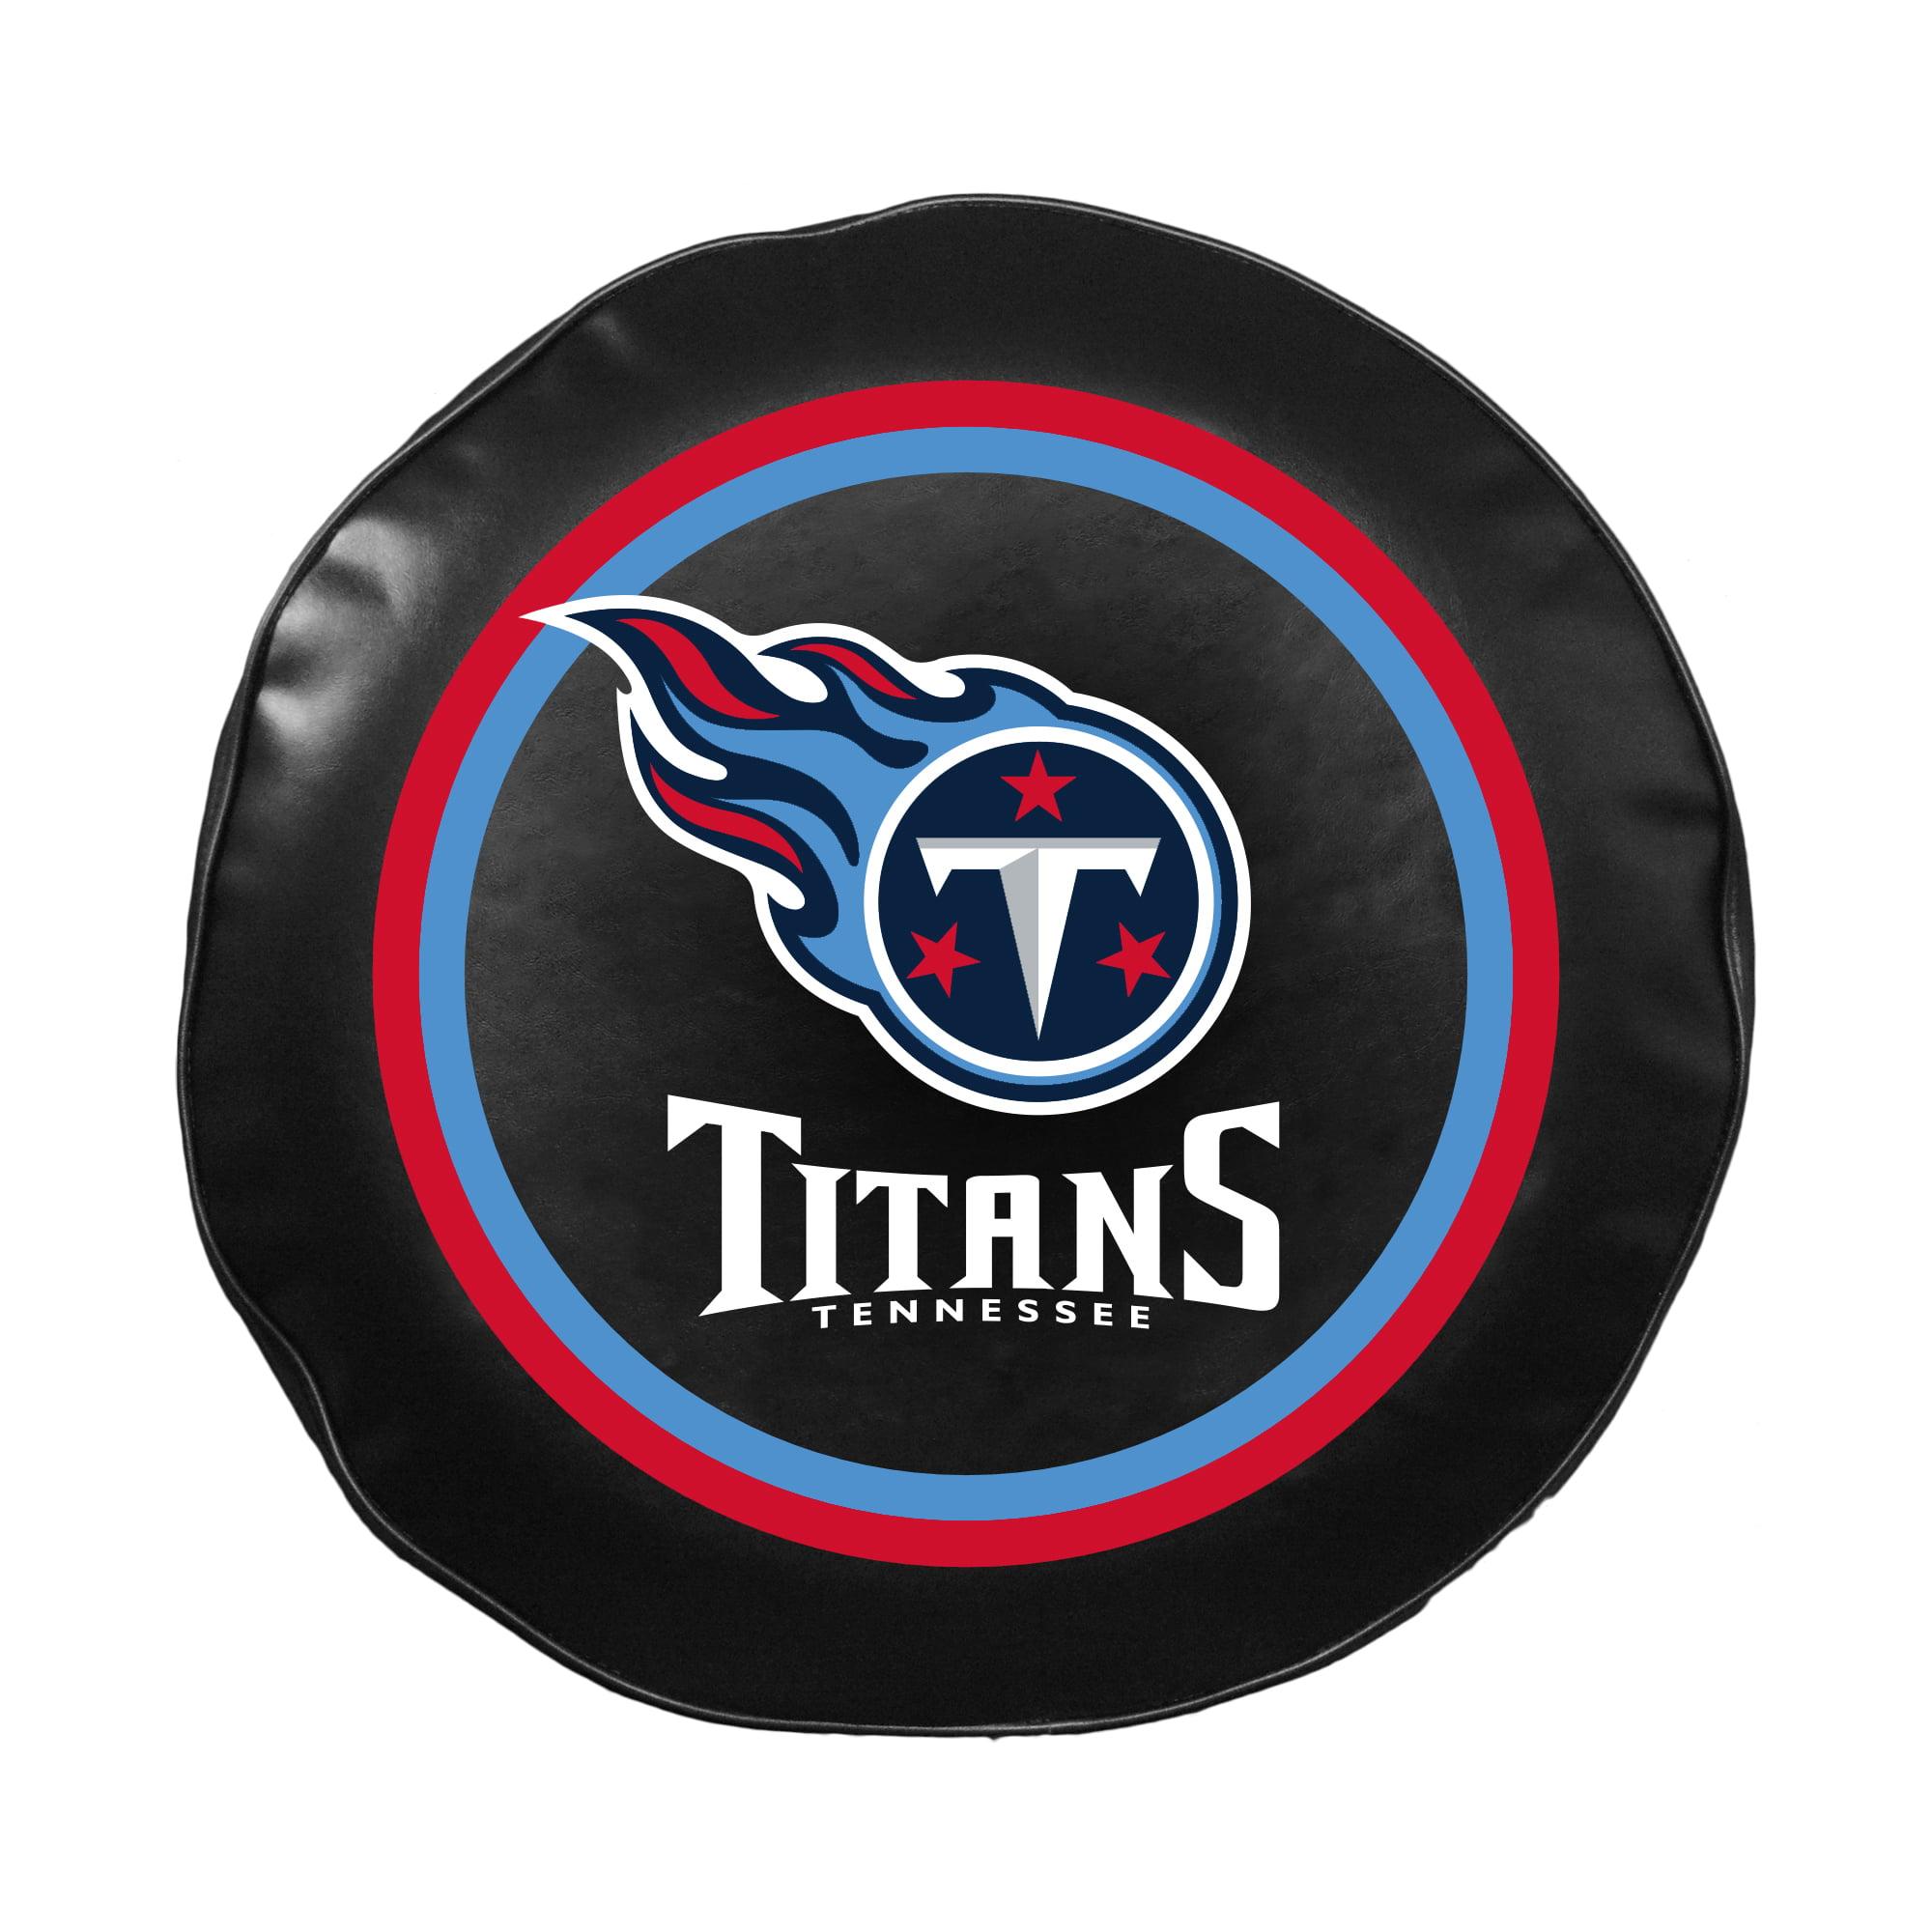 TITANS Lg Tire Cover